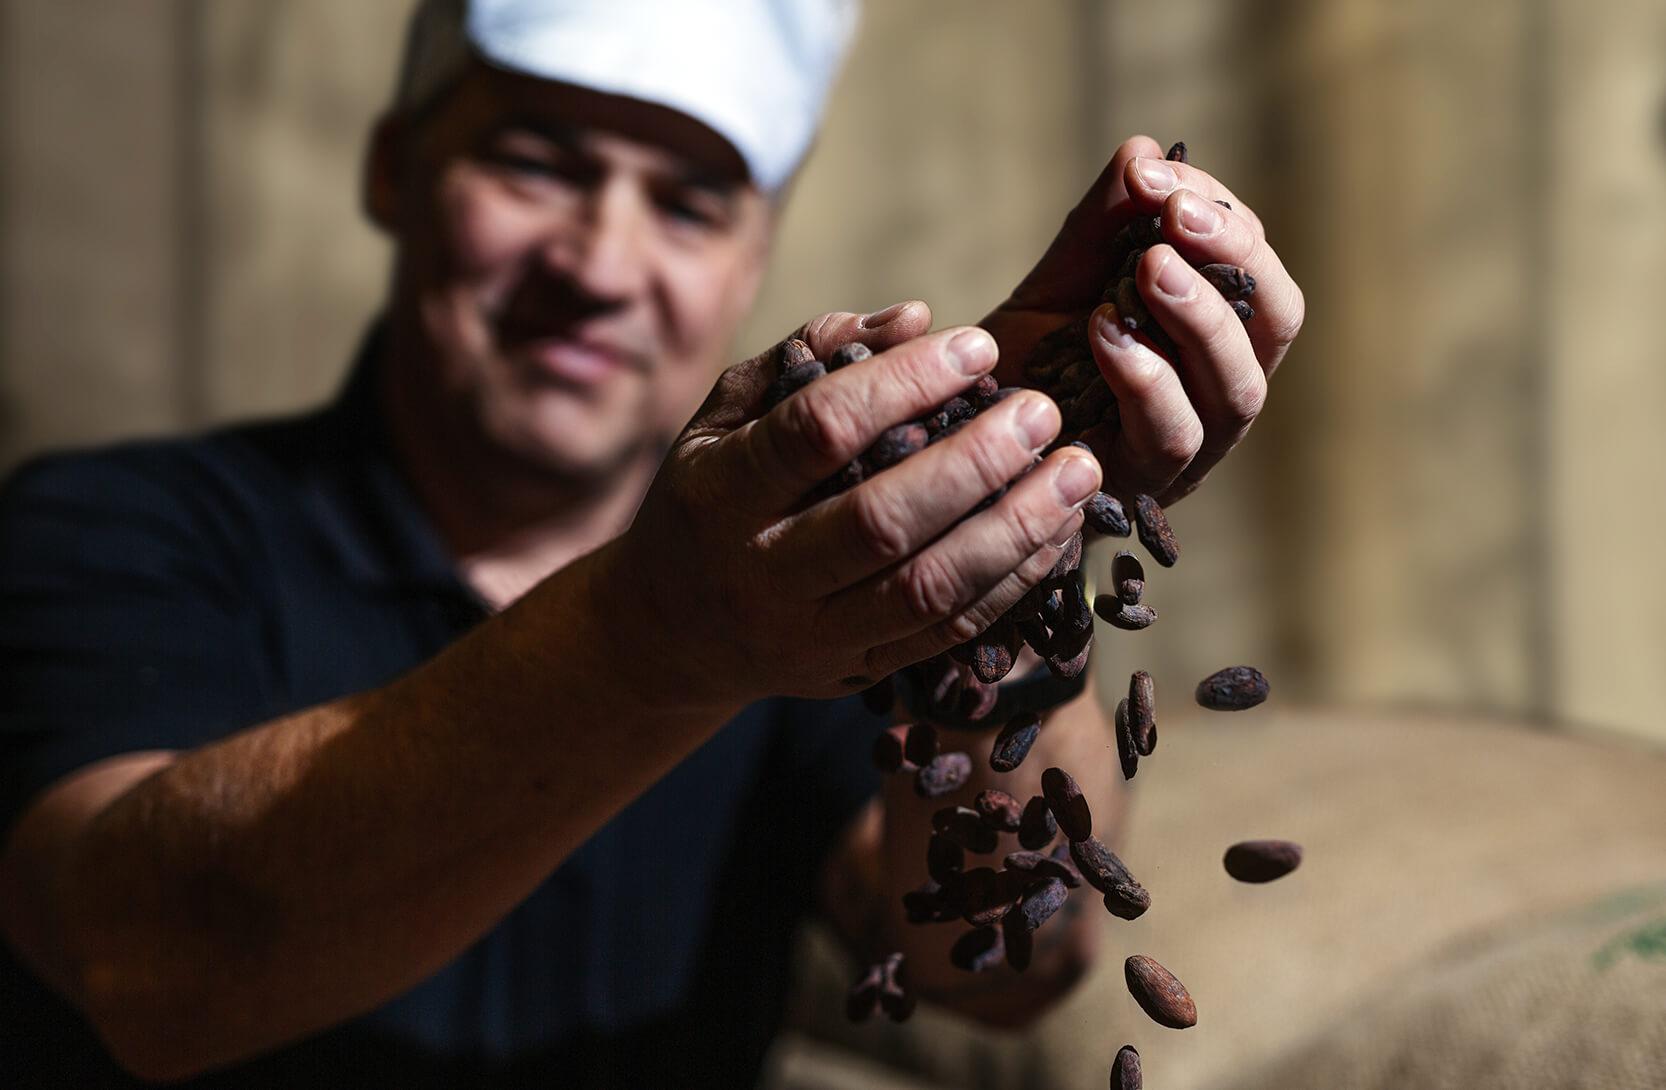 Dammenbergin valikoimista löytyy Reilun kaupan kaakaosta valmistettua Reilun kaupan suklaata